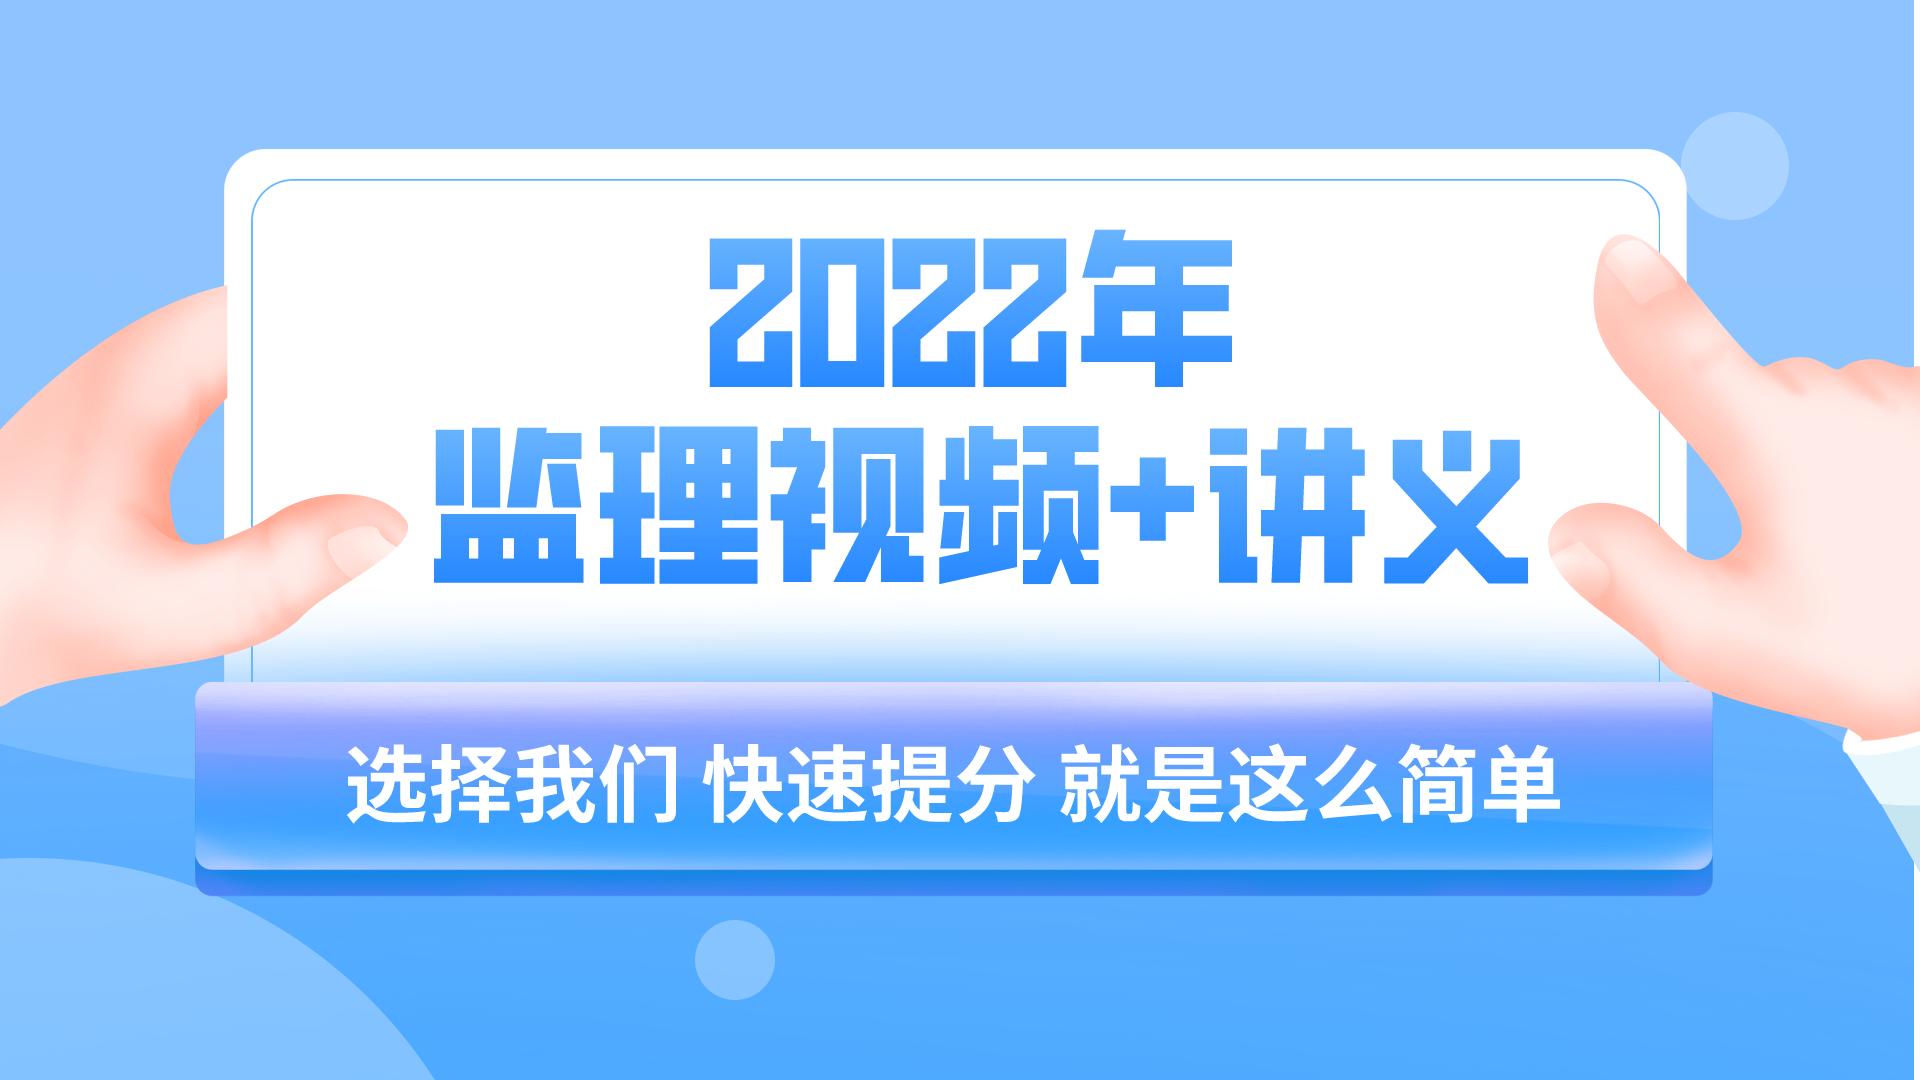 2022年监理工程师视频讲义百度云下载【全套】